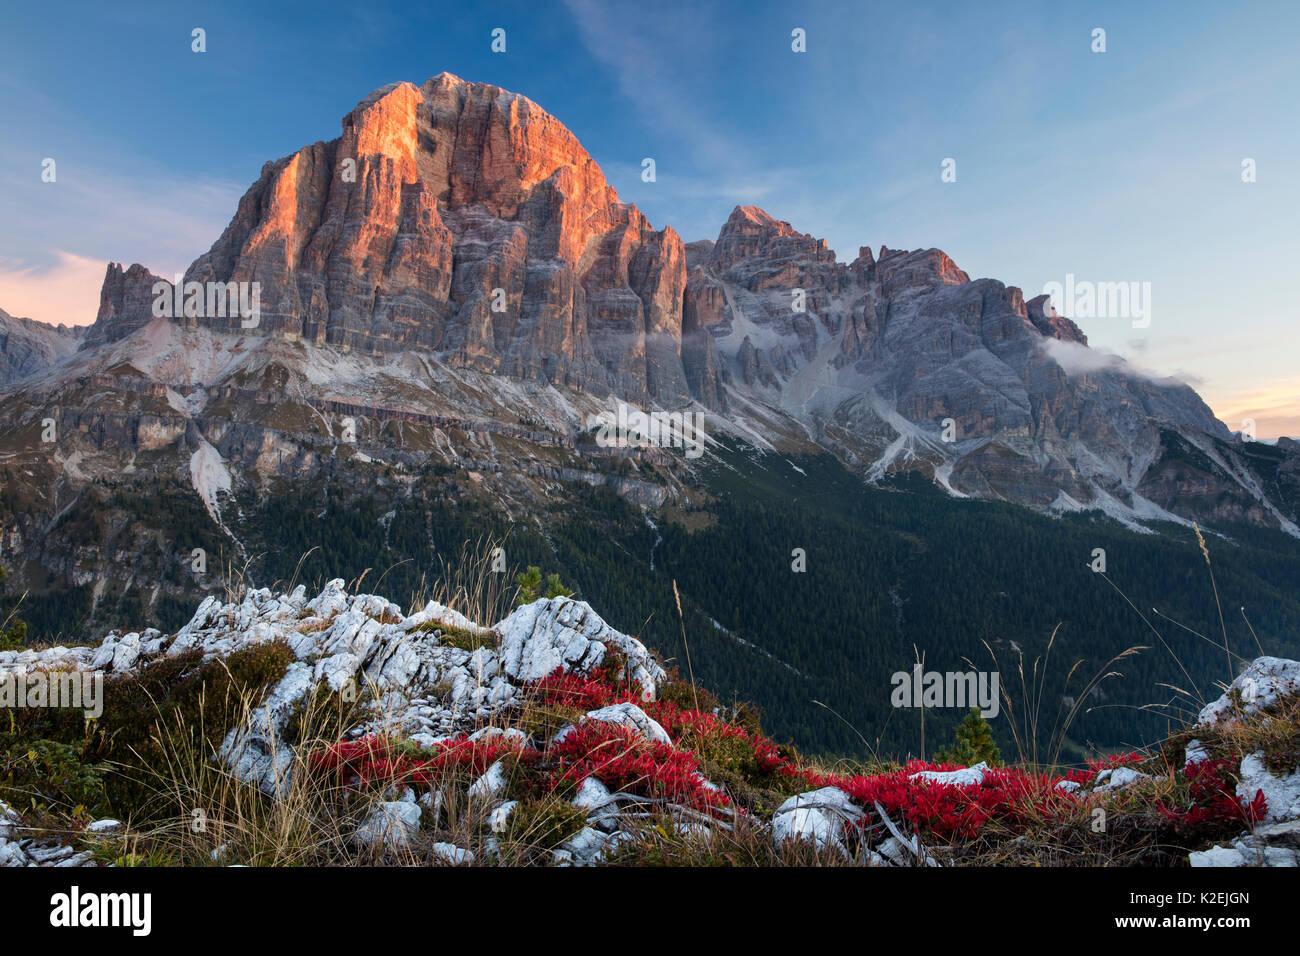 La première lumière sur Tofana de Rozes de Cinque Torri, Dolomites, province de Belluno, Vénétie, Italie, septembre Banque D'Images